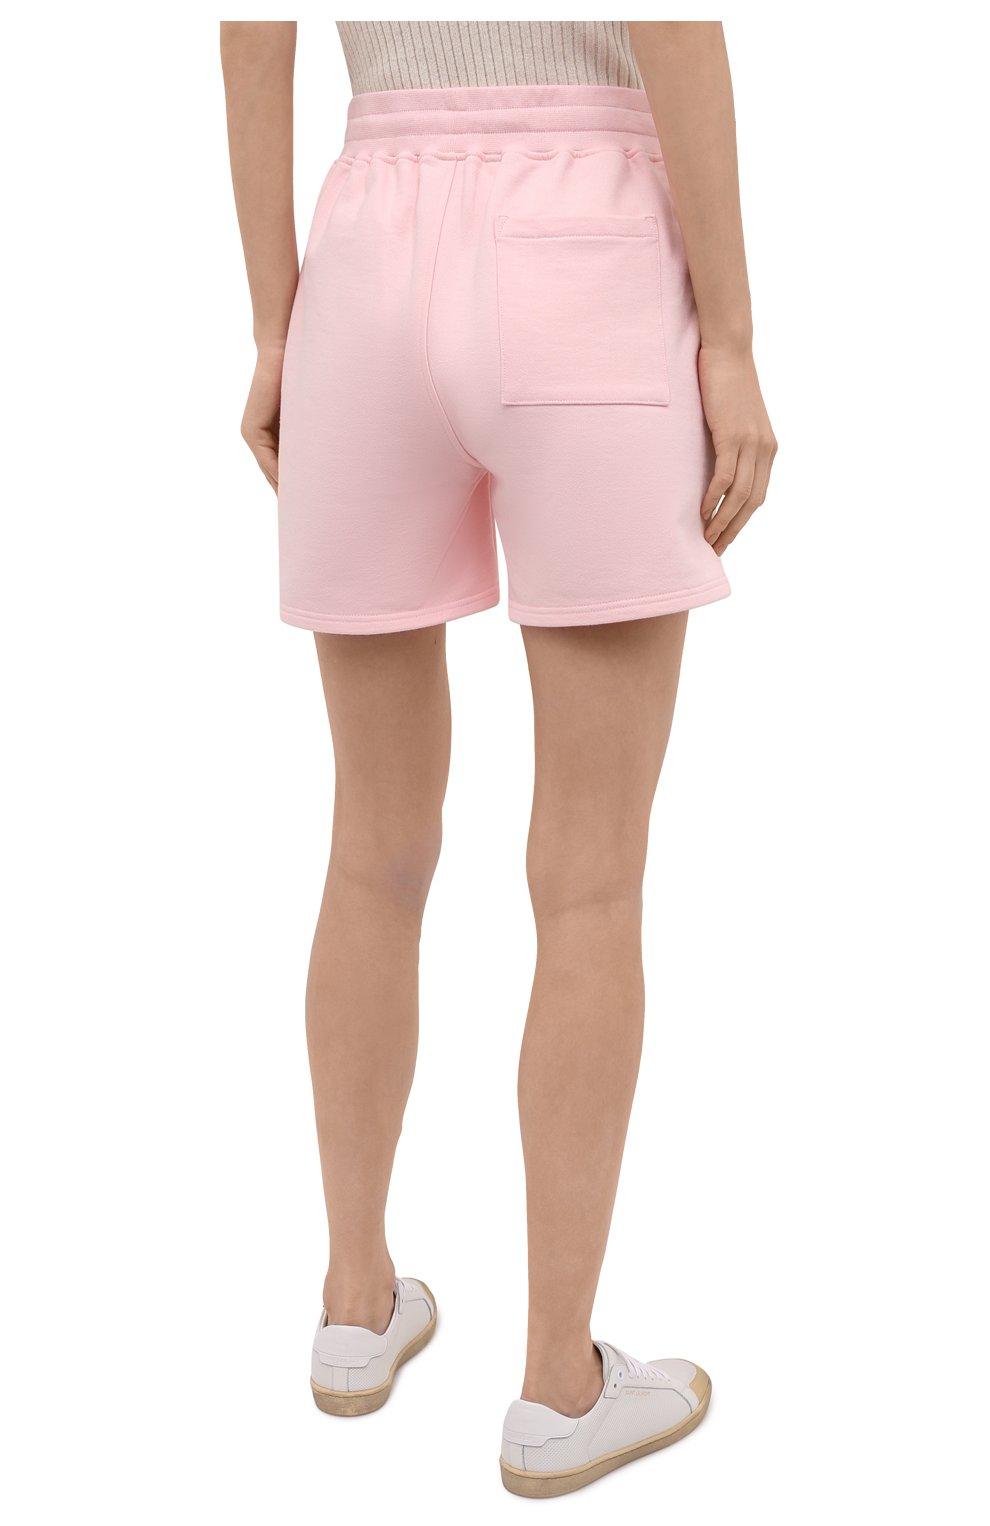 Женские хлопковые шорты CASABLANCA розового цвета, арт. WS21-JTR-037 PINK - TENNIS CLUB IC0N | Фото 4 (Женское Кросс-КТ: Шорты-одежда; Длина Ж (юбки, платья, шорты): Мини; Материал внешний: Хлопок; Стили: Спорт-шик)